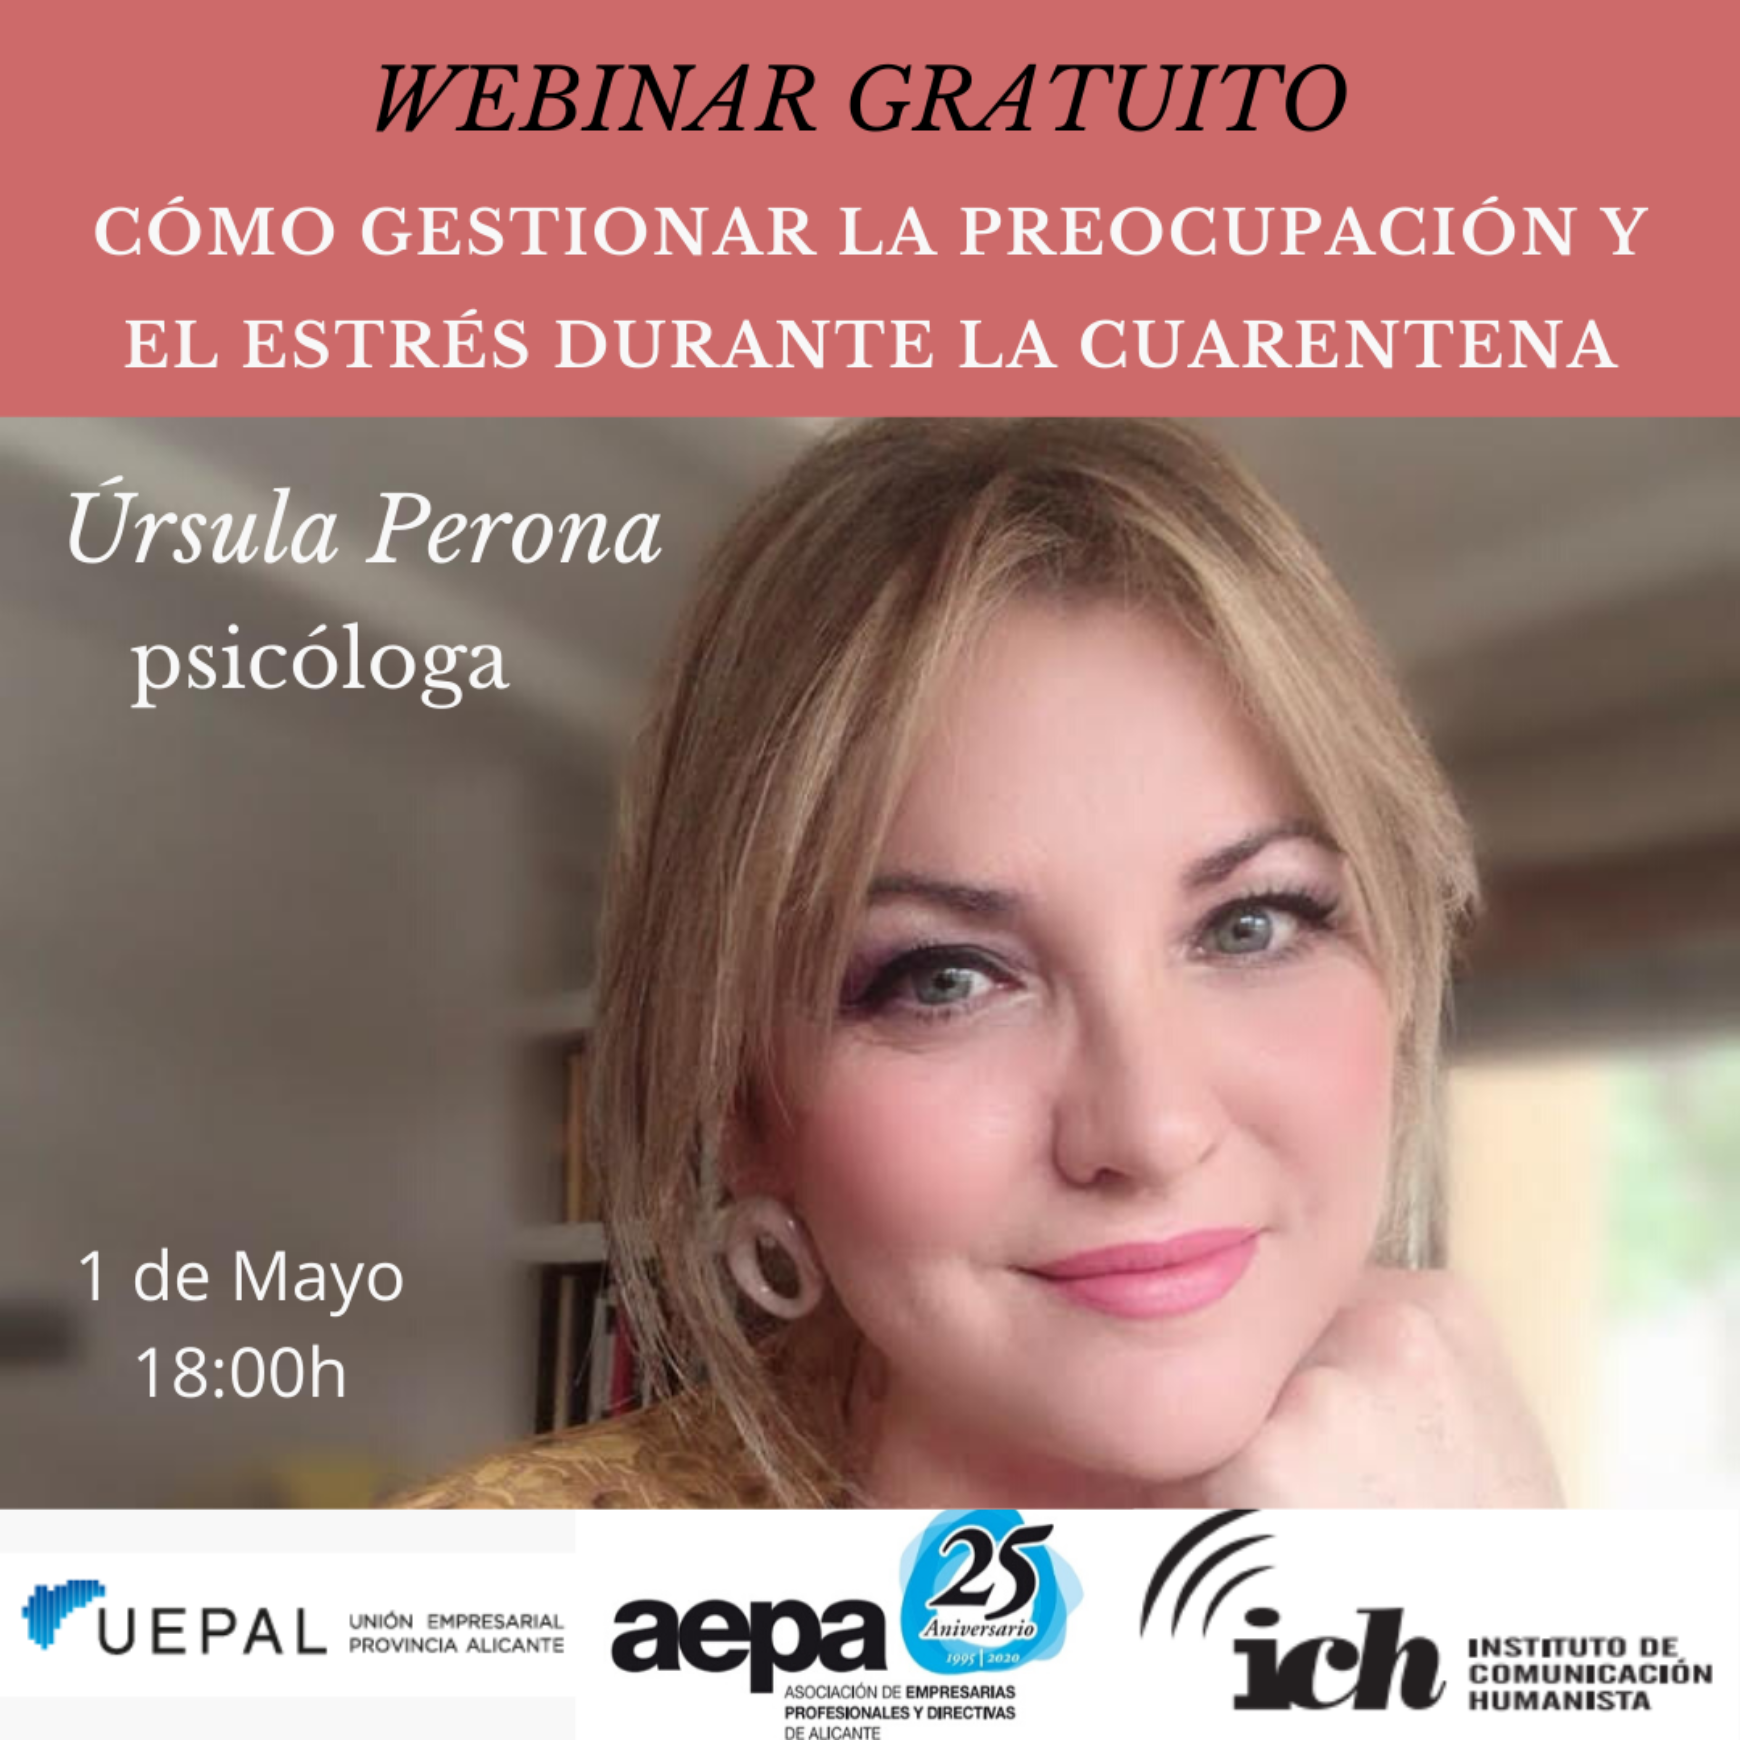 AEPA organiza un nuevo webinar con Úrsula Perona.